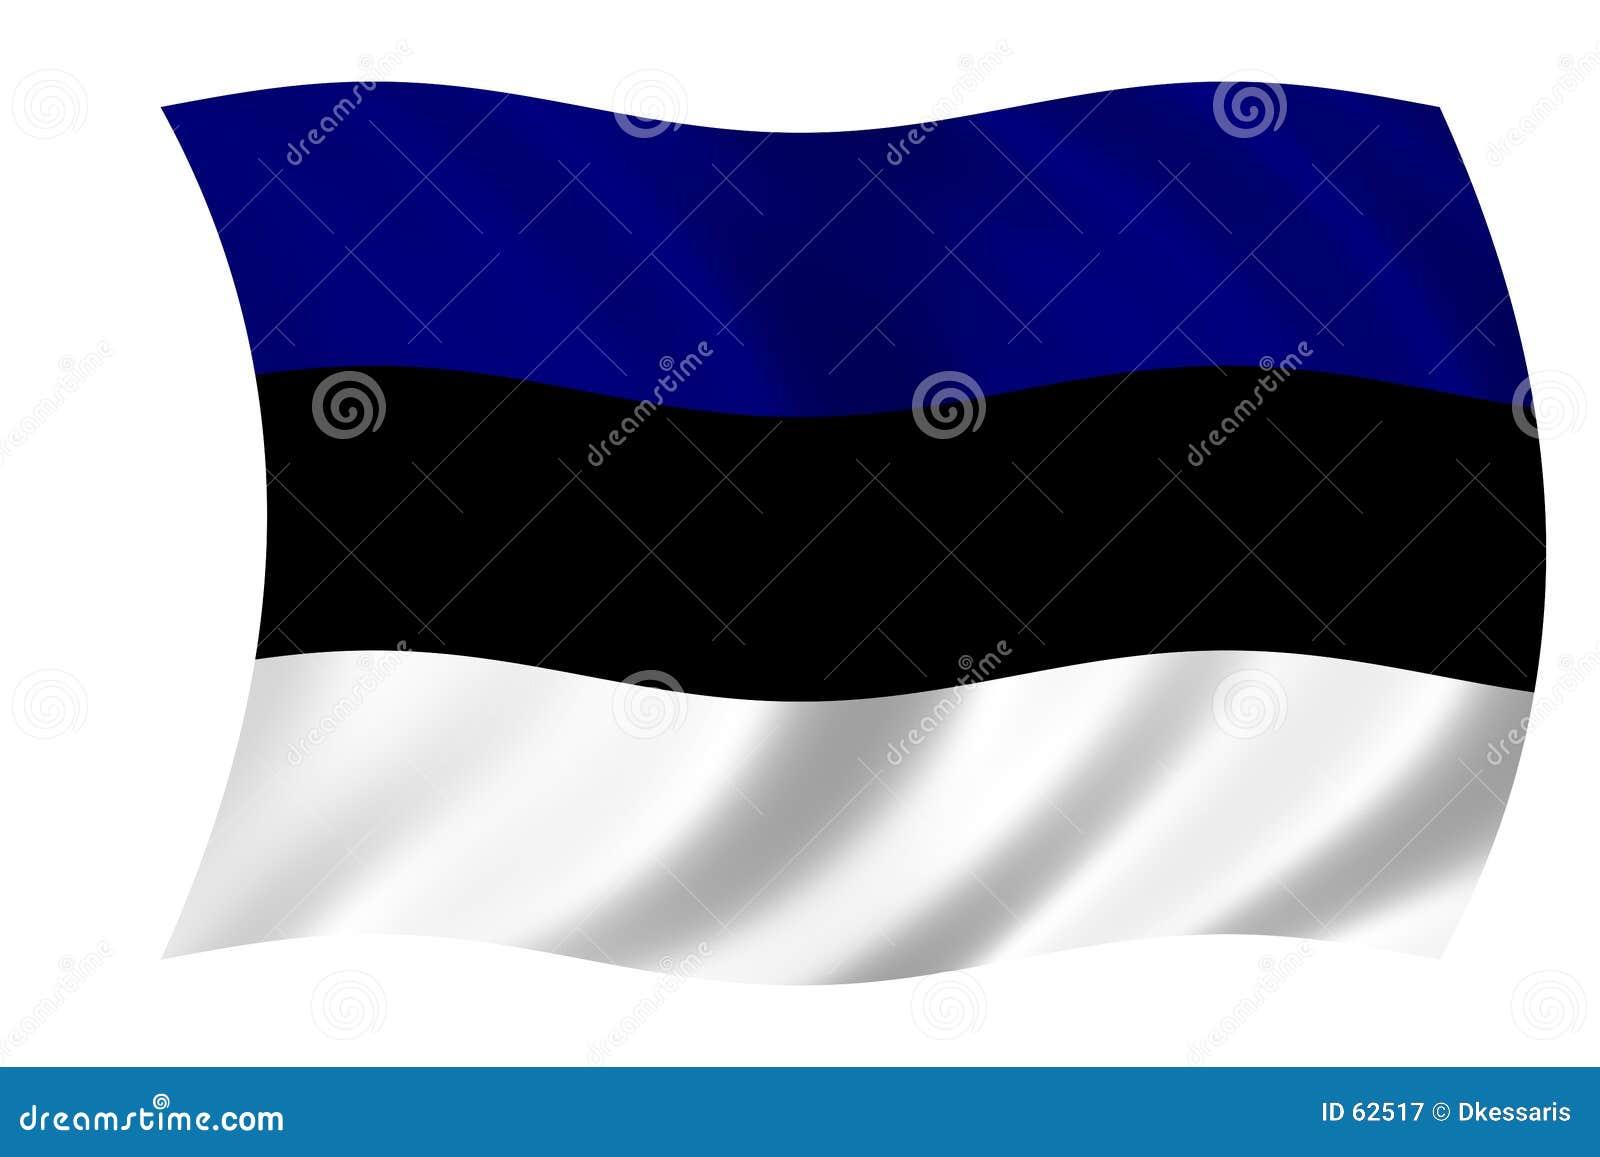 Estonia flagę